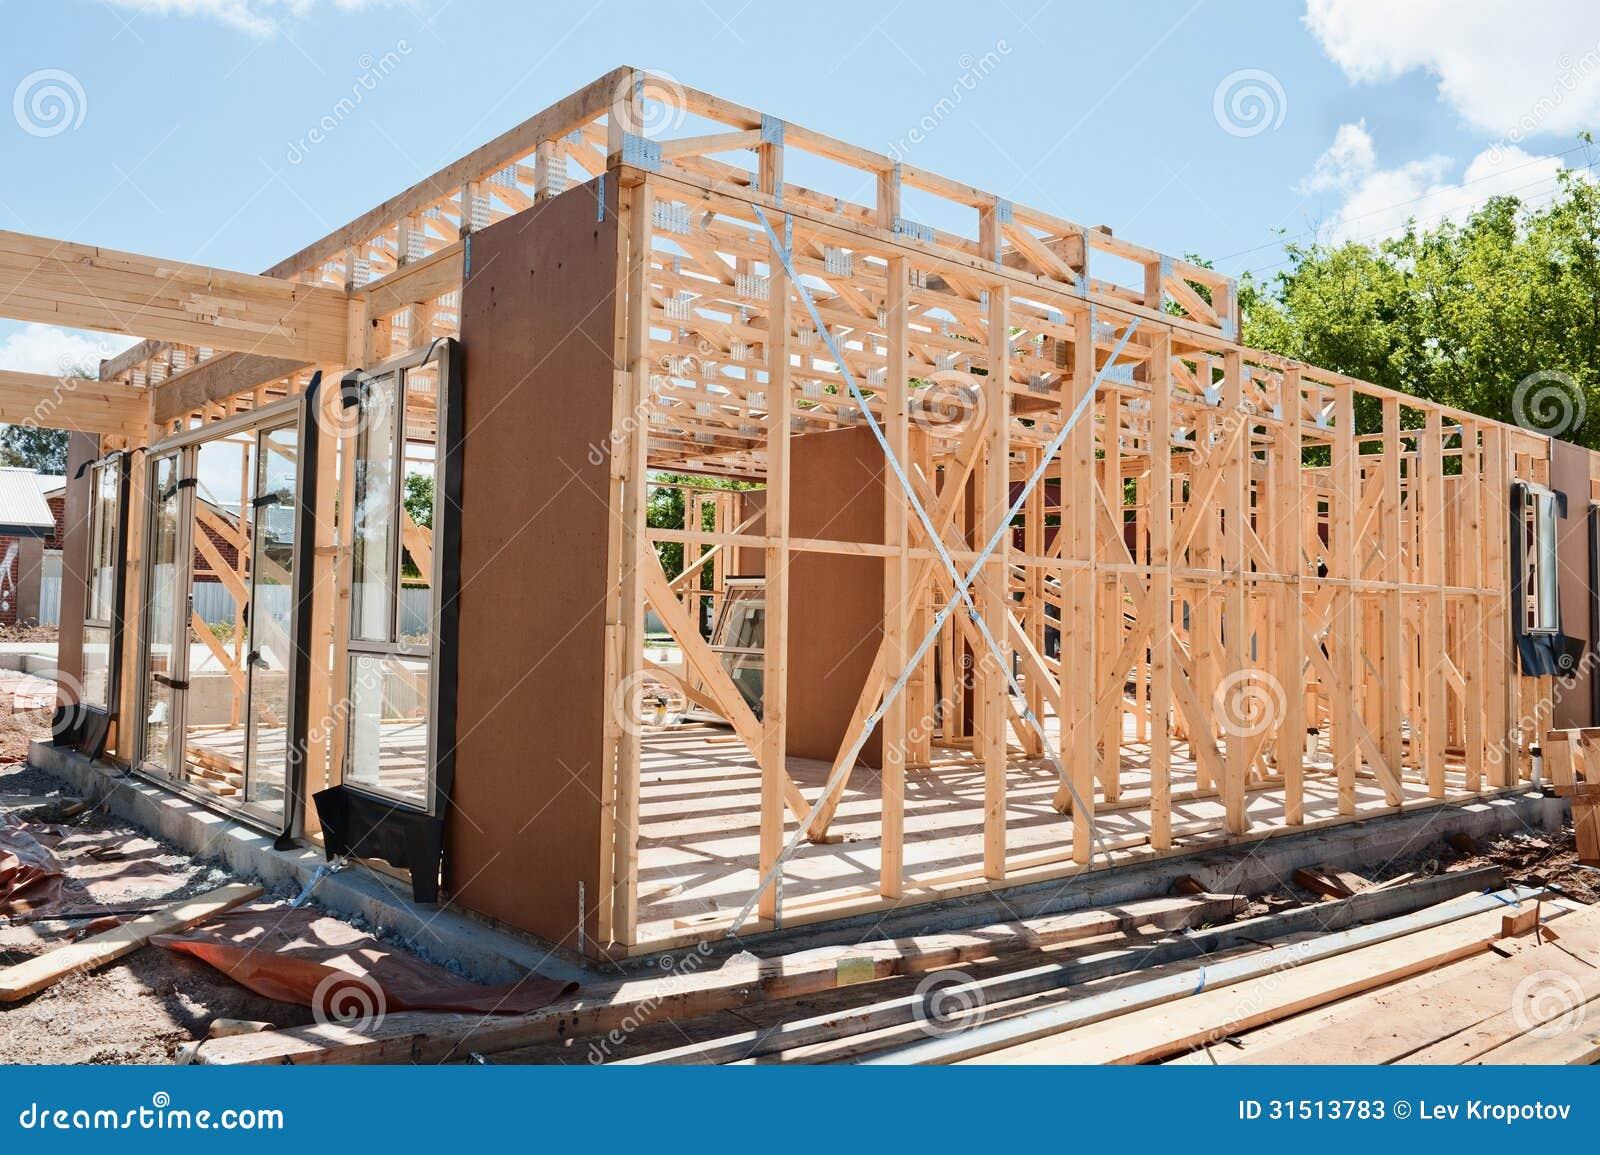 Фотообои - Новое строительство каркасного дома